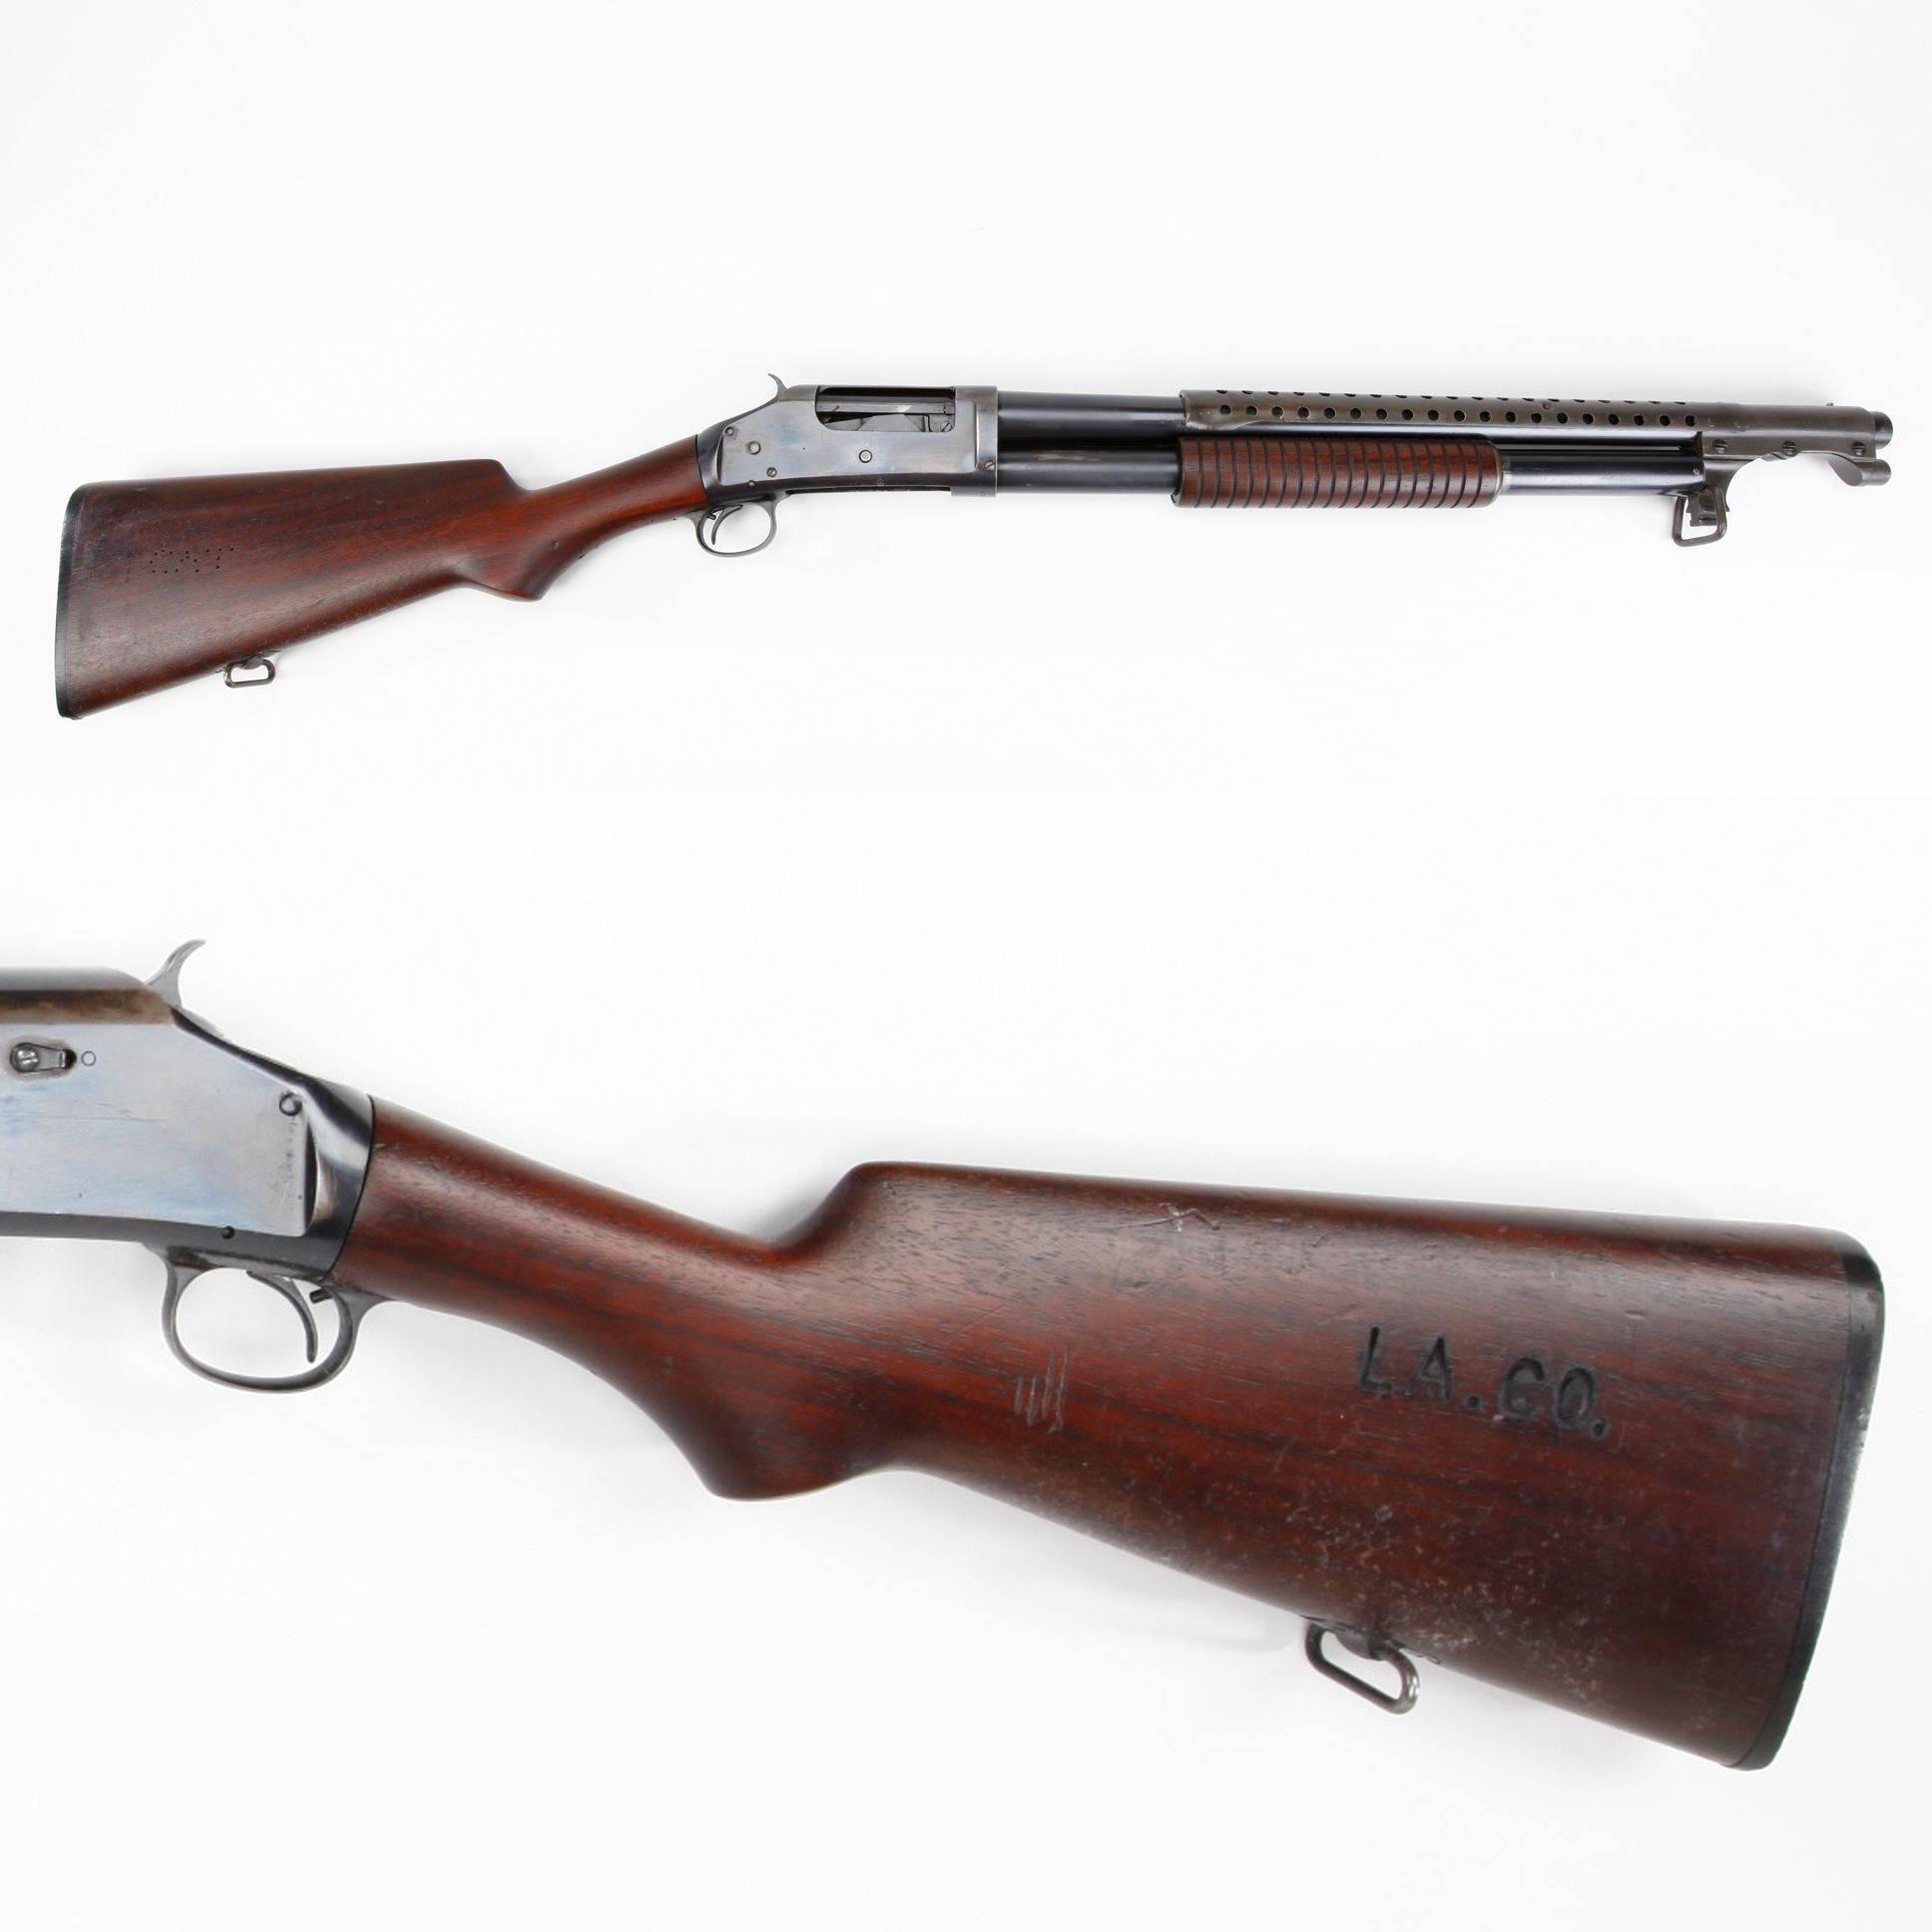 Траншейный дробовик winchester m1897 trench gun